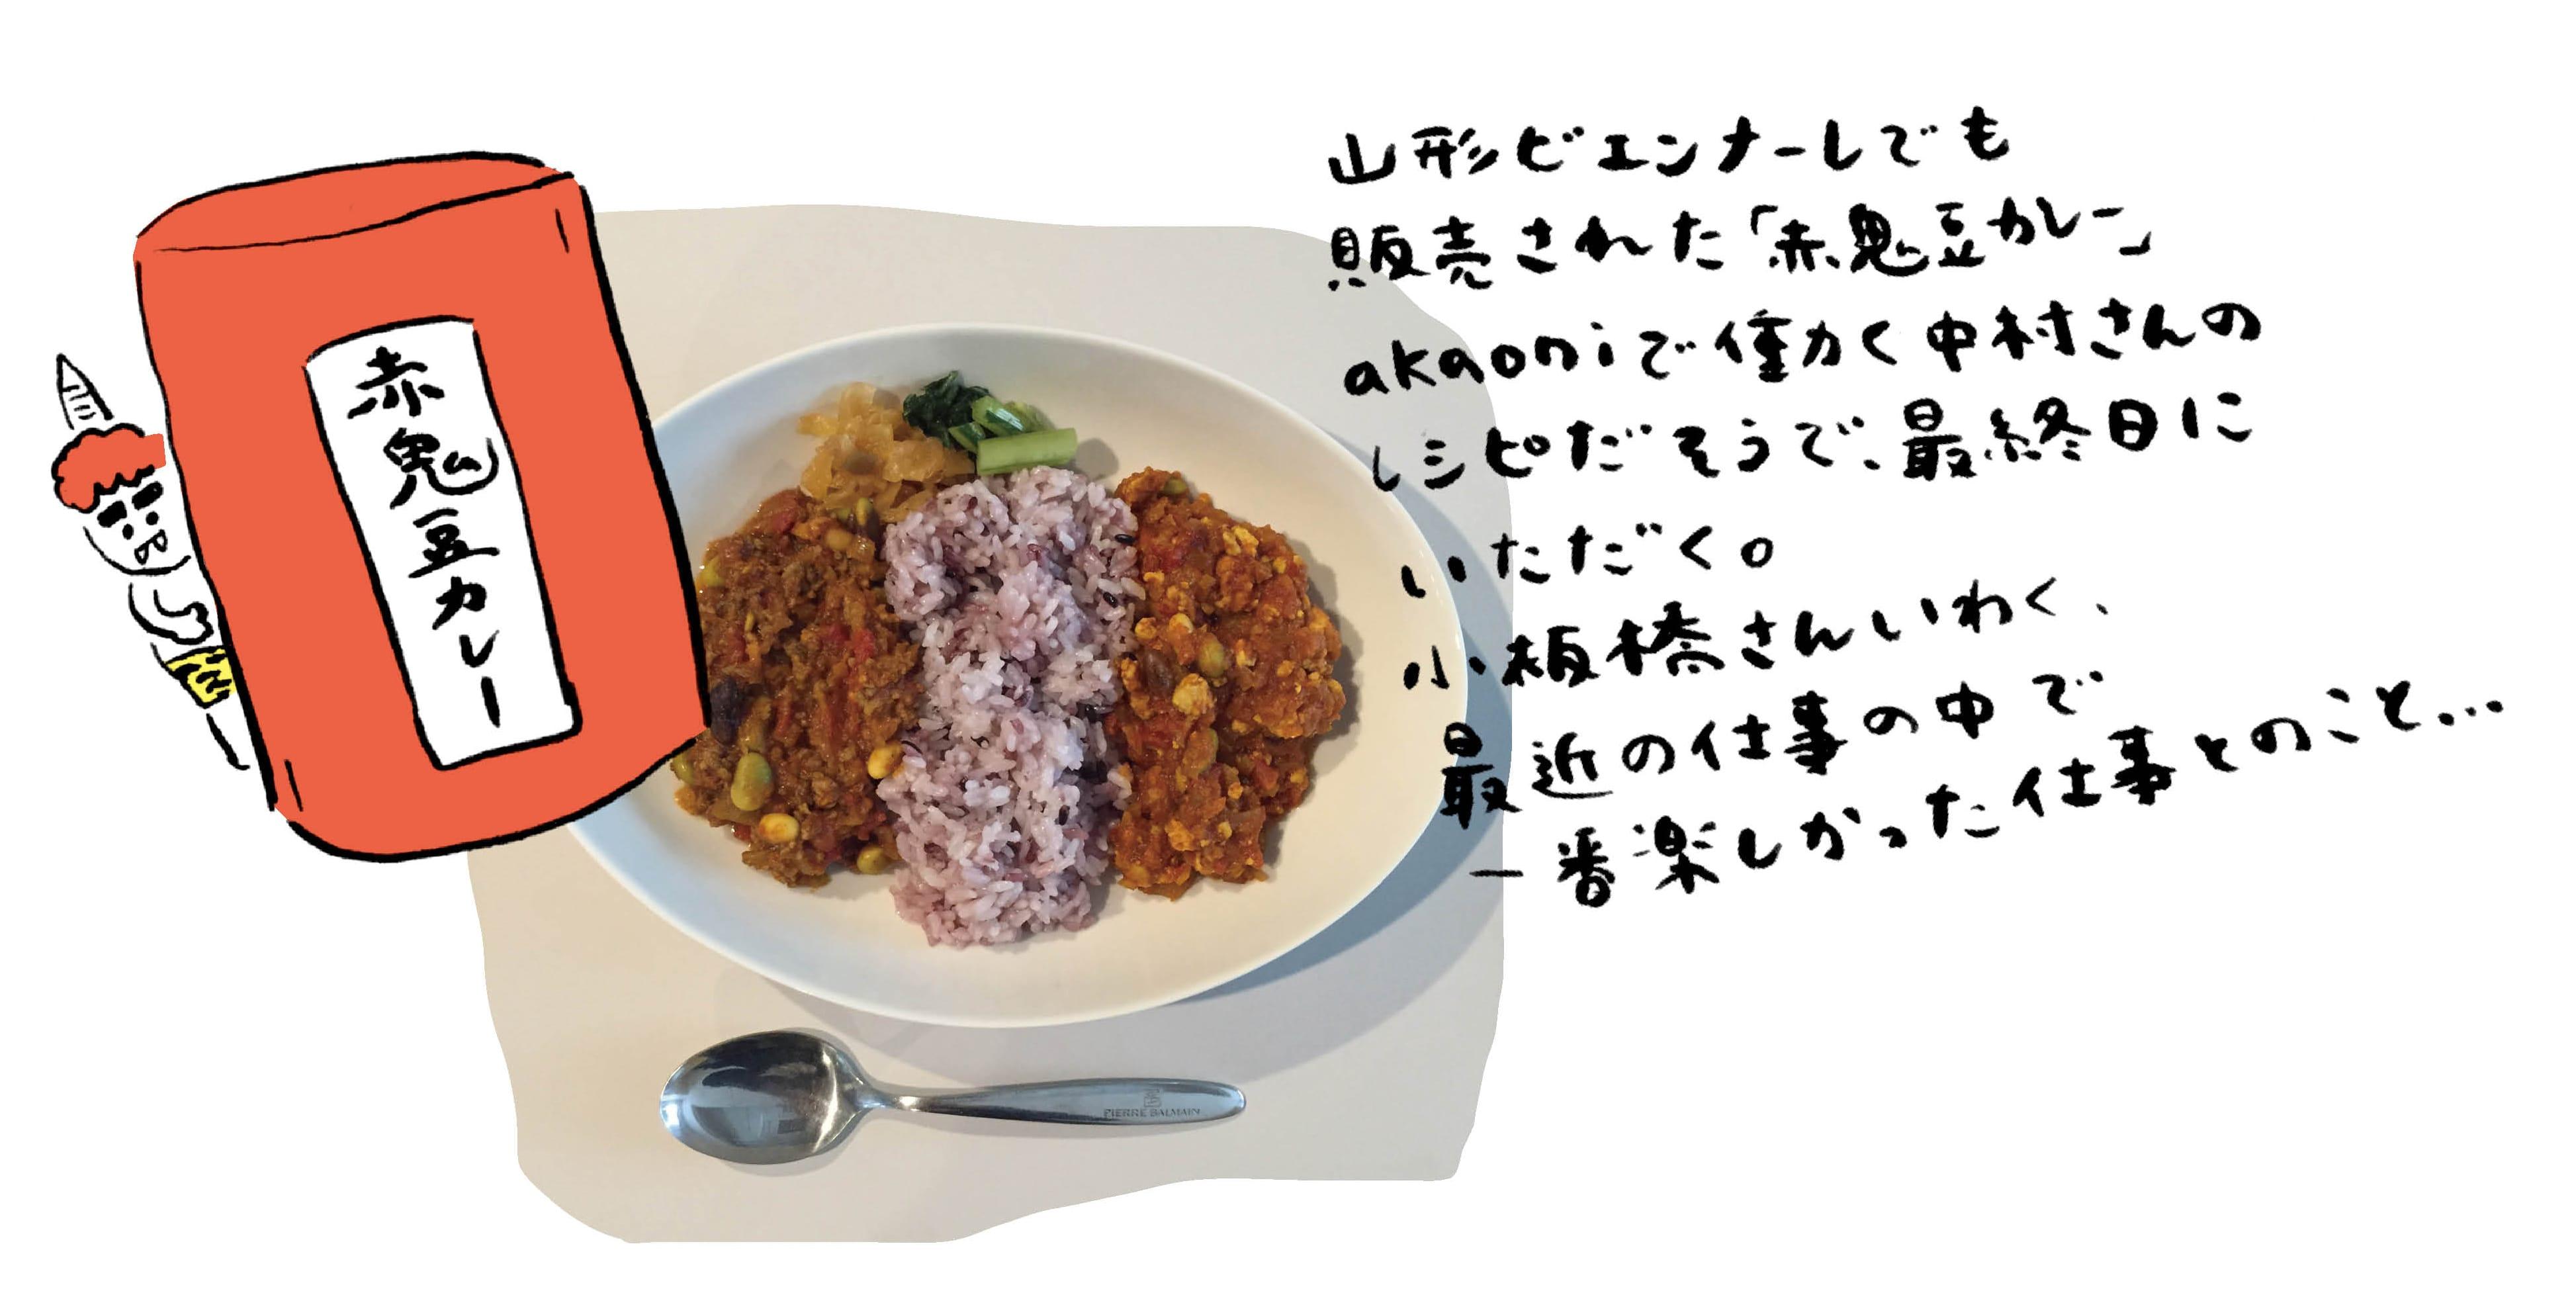 hinagata_yamagata_2-4